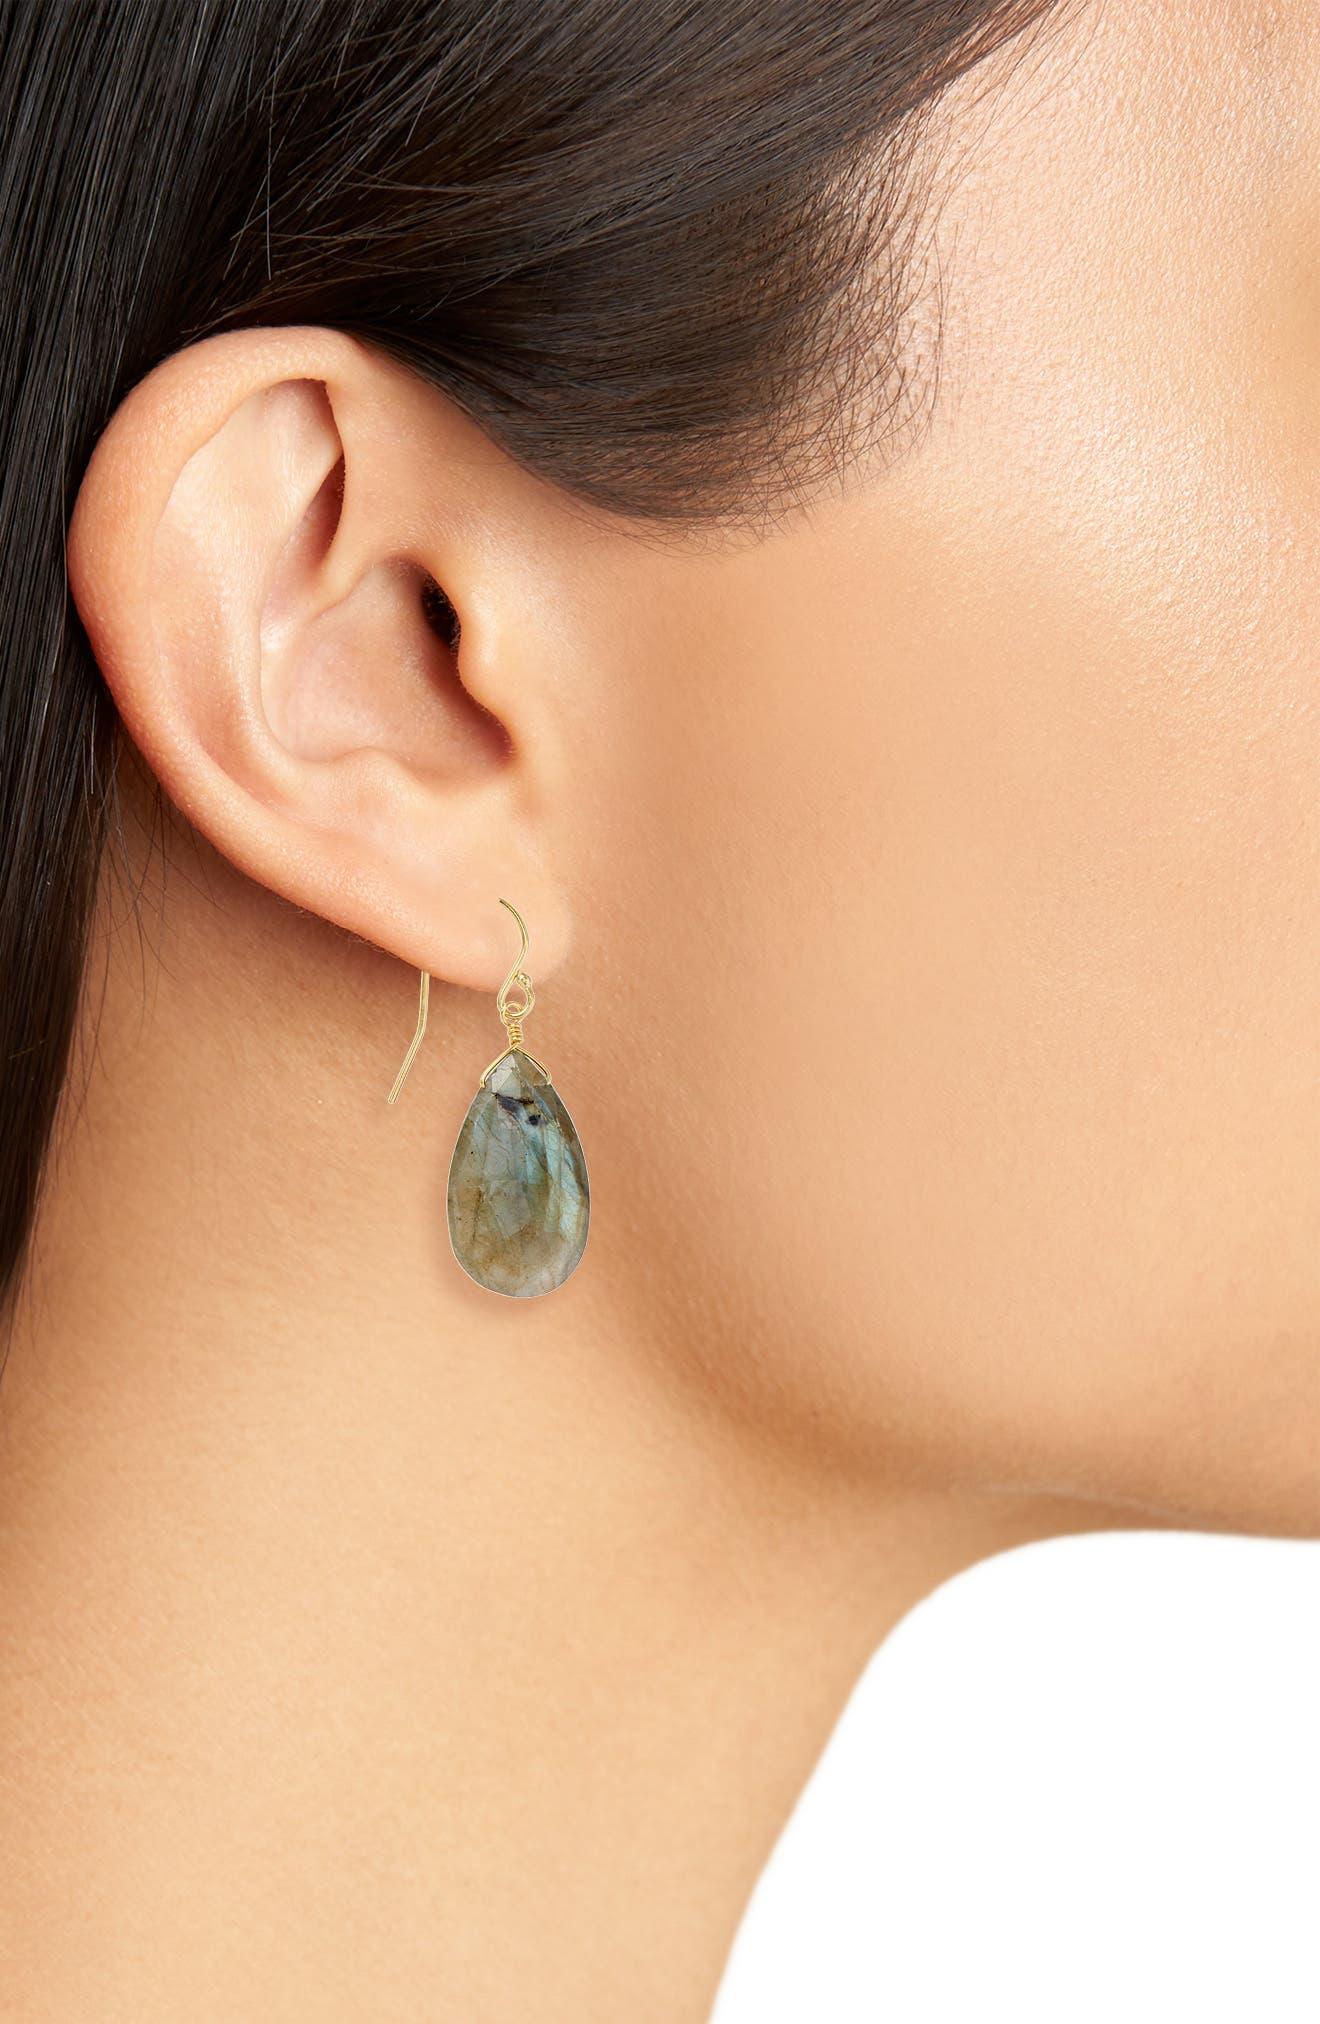 Semiprecious Pear Drop Earrings,                             Alternate thumbnail 2, color,                             710